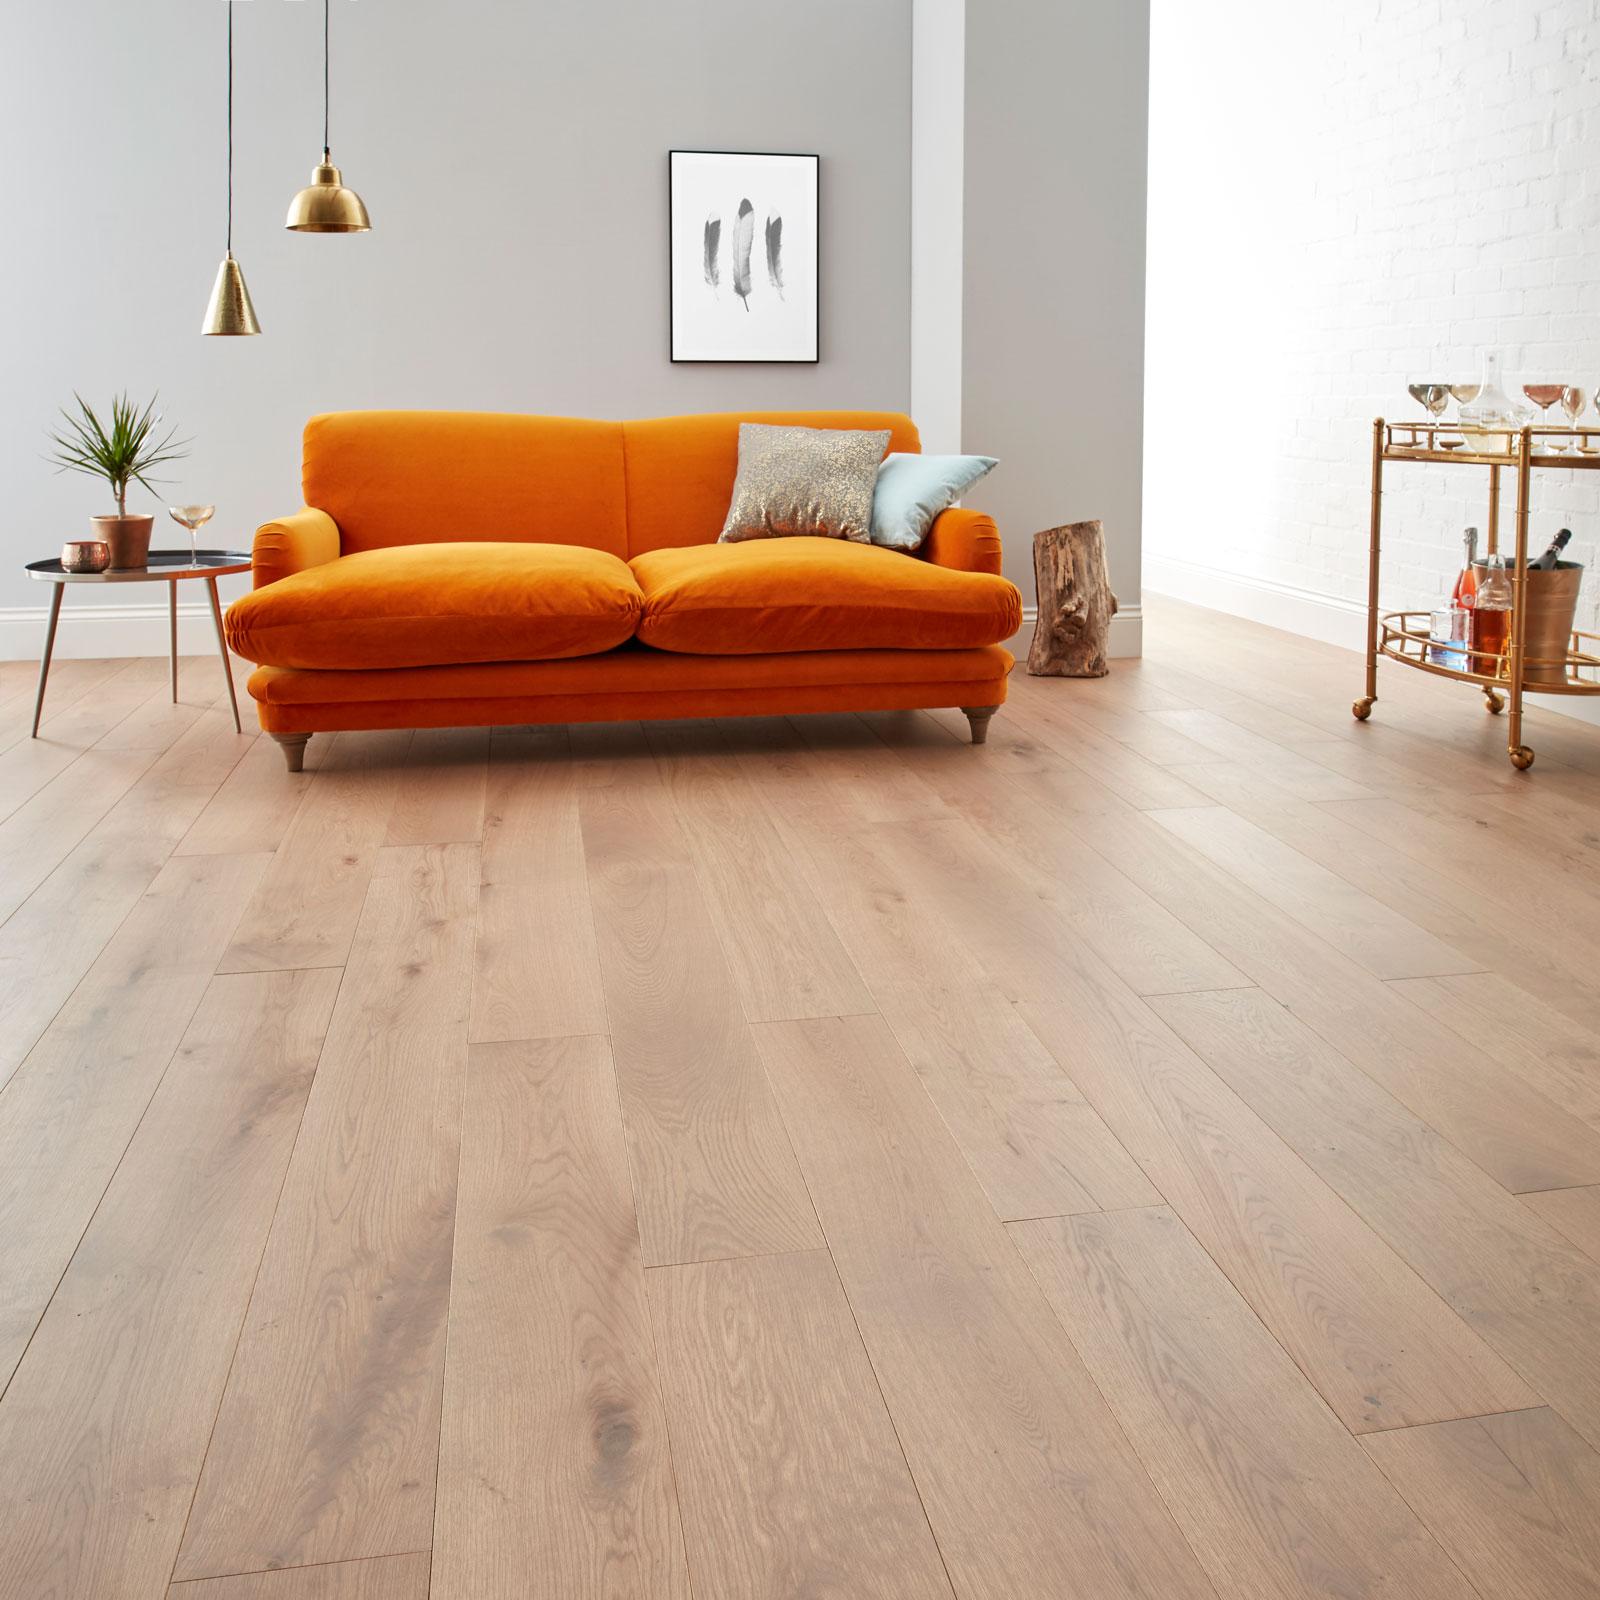 Chepstow-Grey-Planed-Oak